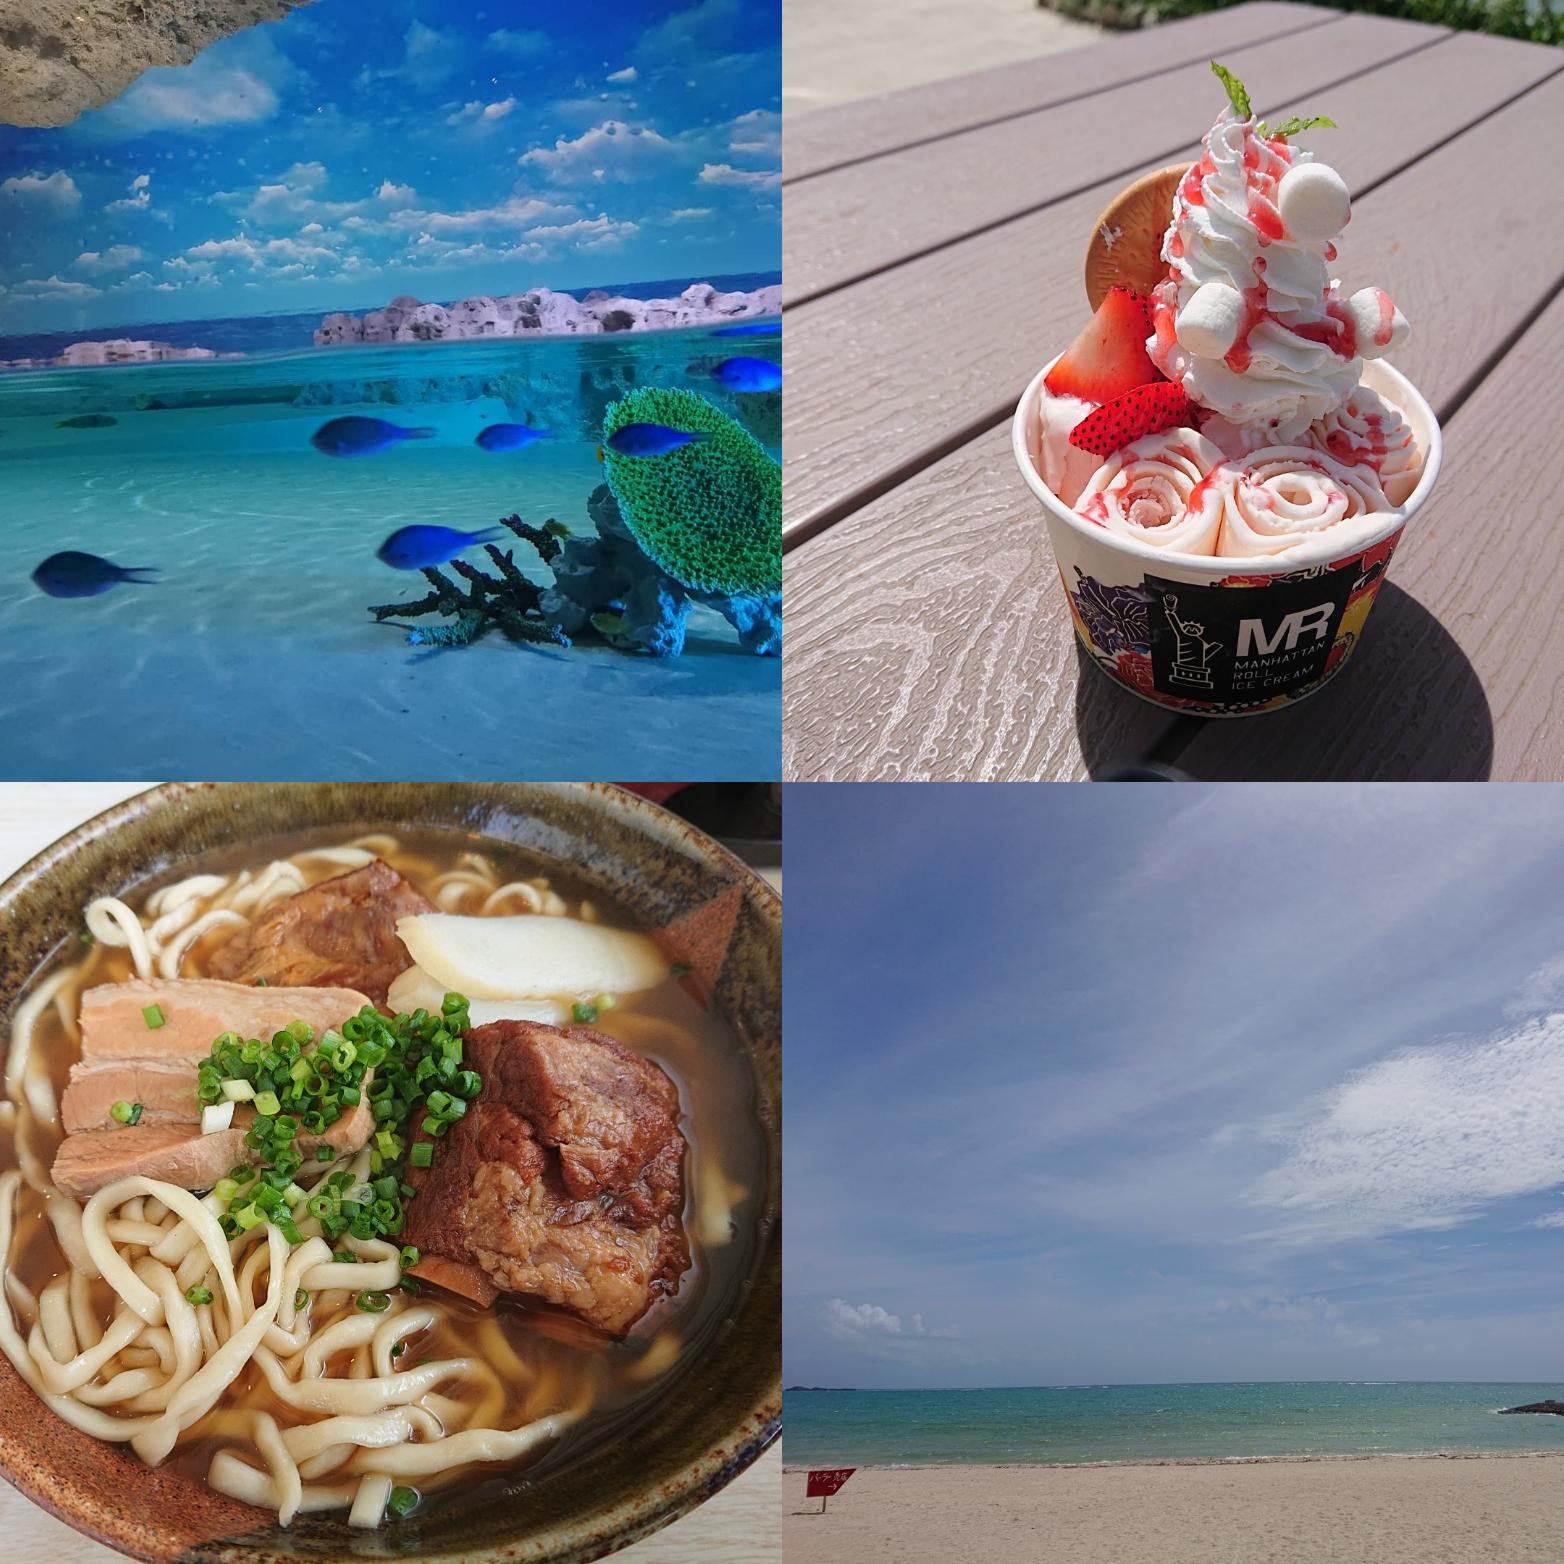 豊見城市の瀬長島と豊崎行ってきました。与根そば、マンハッタンロールアイスクリーム ウミカジテラス店 かりゆし水族館